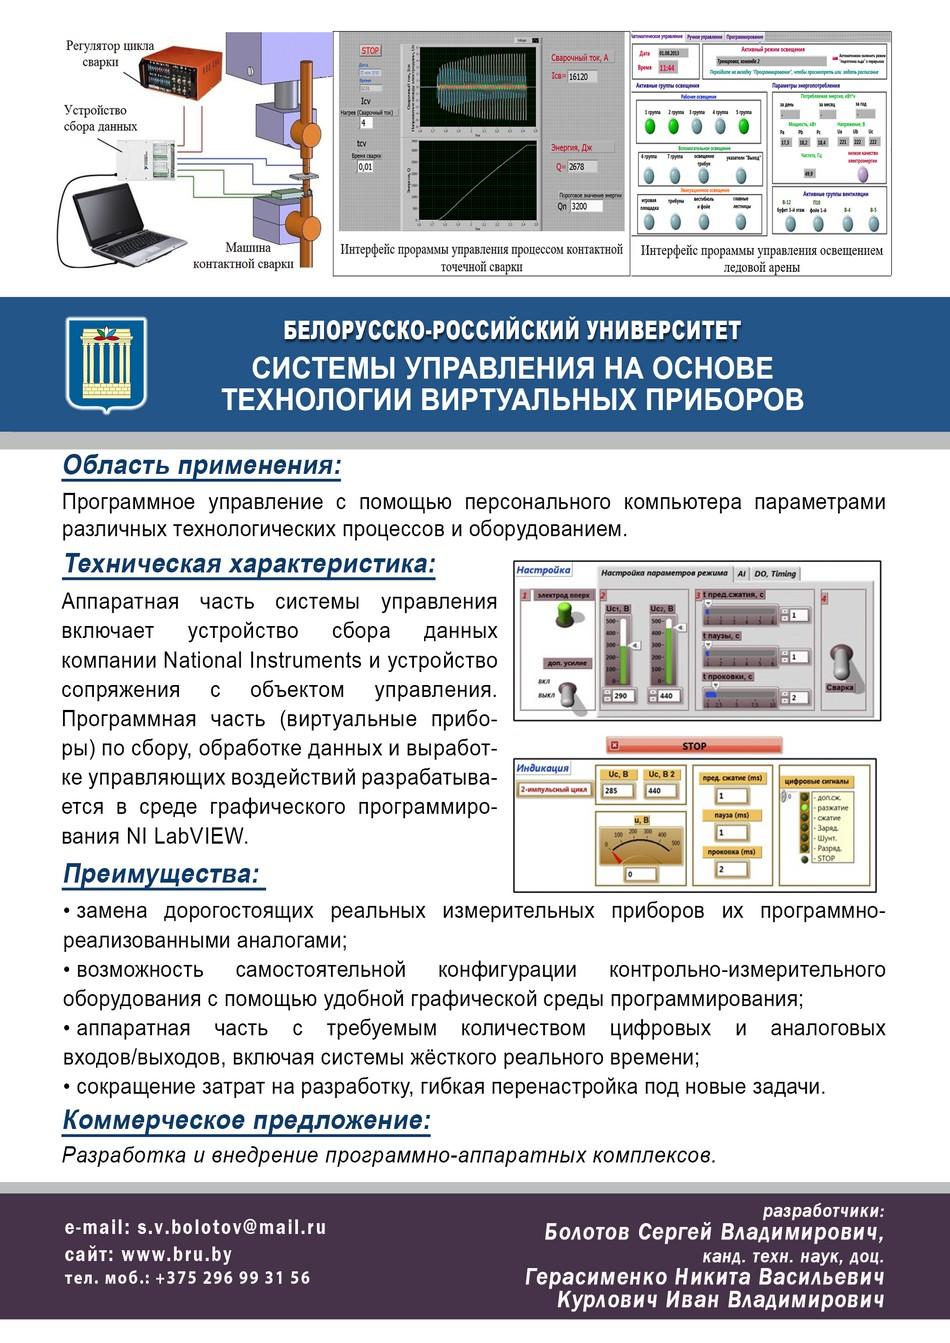 Системы управления на основе технологии виртуальных приборов